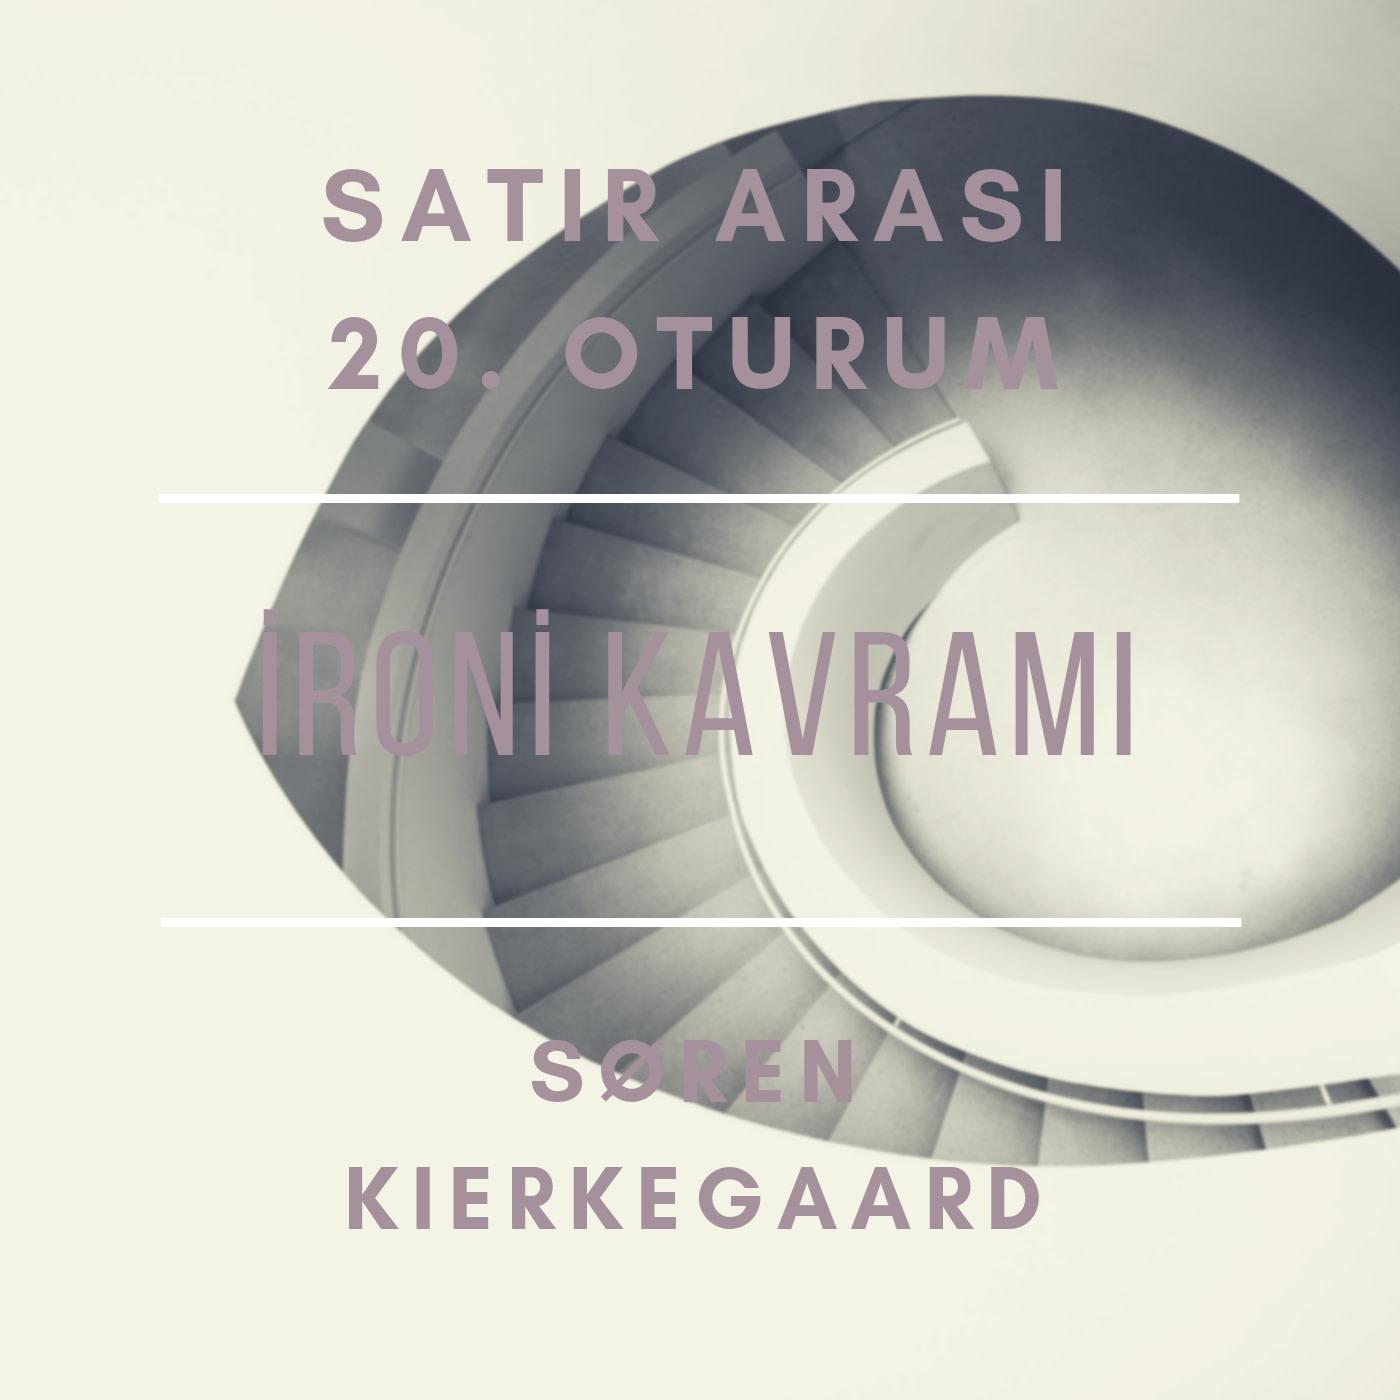 #20 İroni Kavramı - Soren Kierkegaard